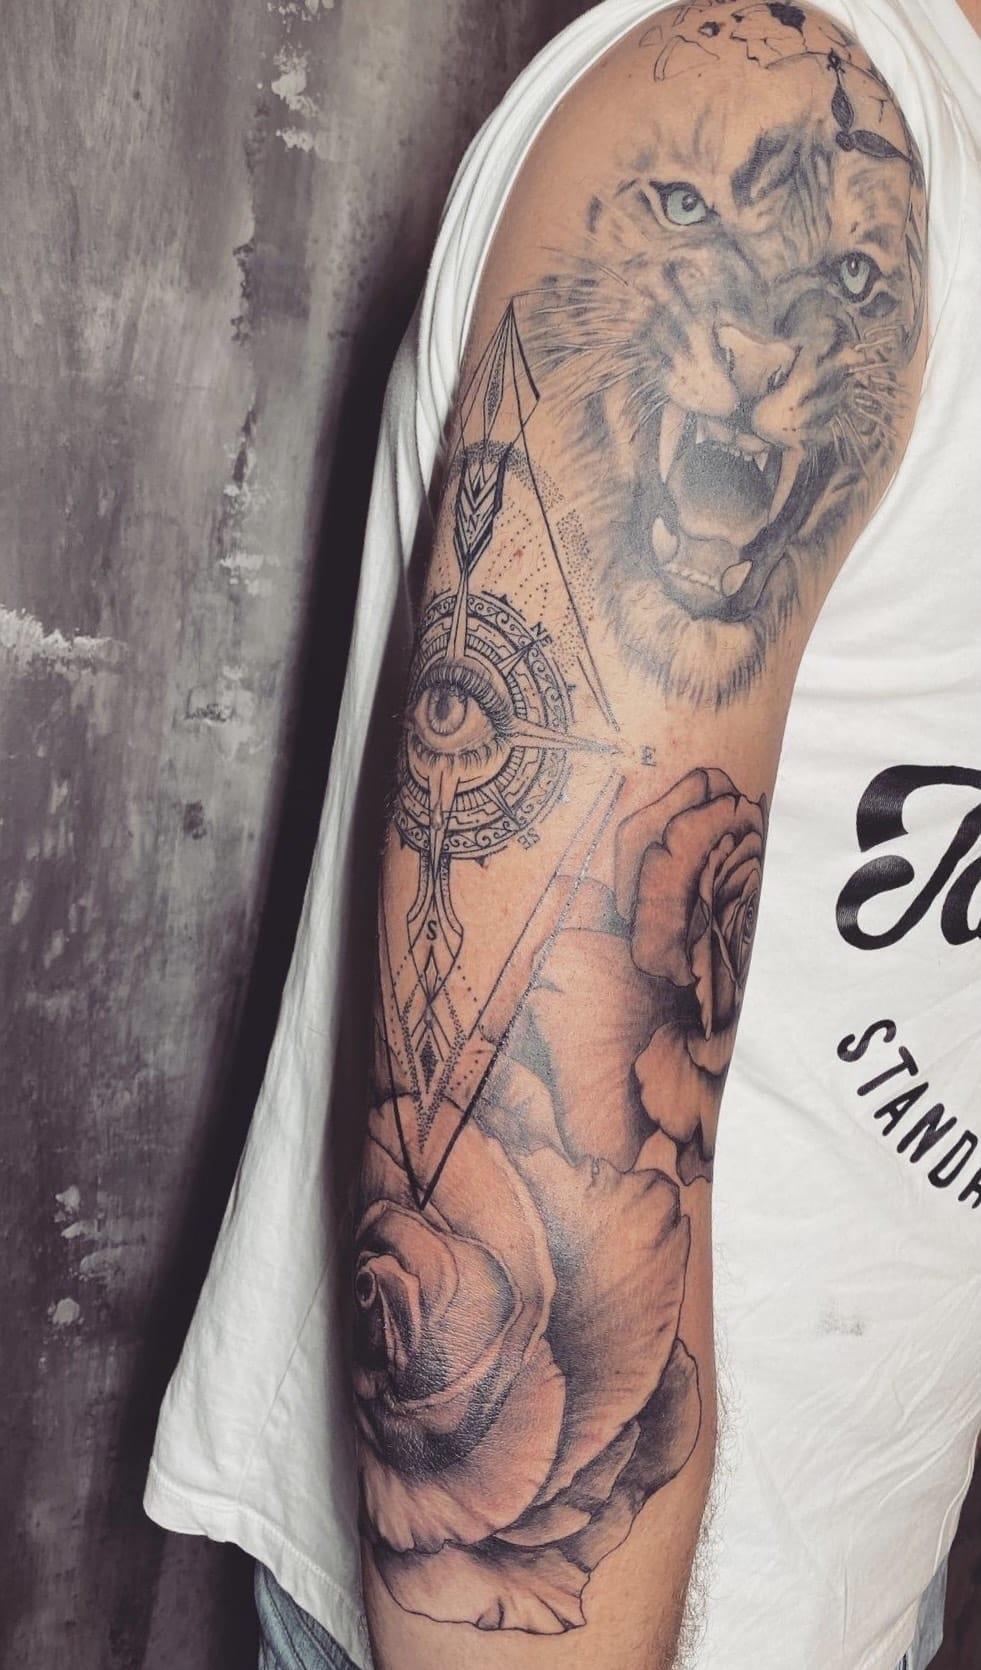 rowena-welter-tattoo-artist-arm-tiger-dotwork